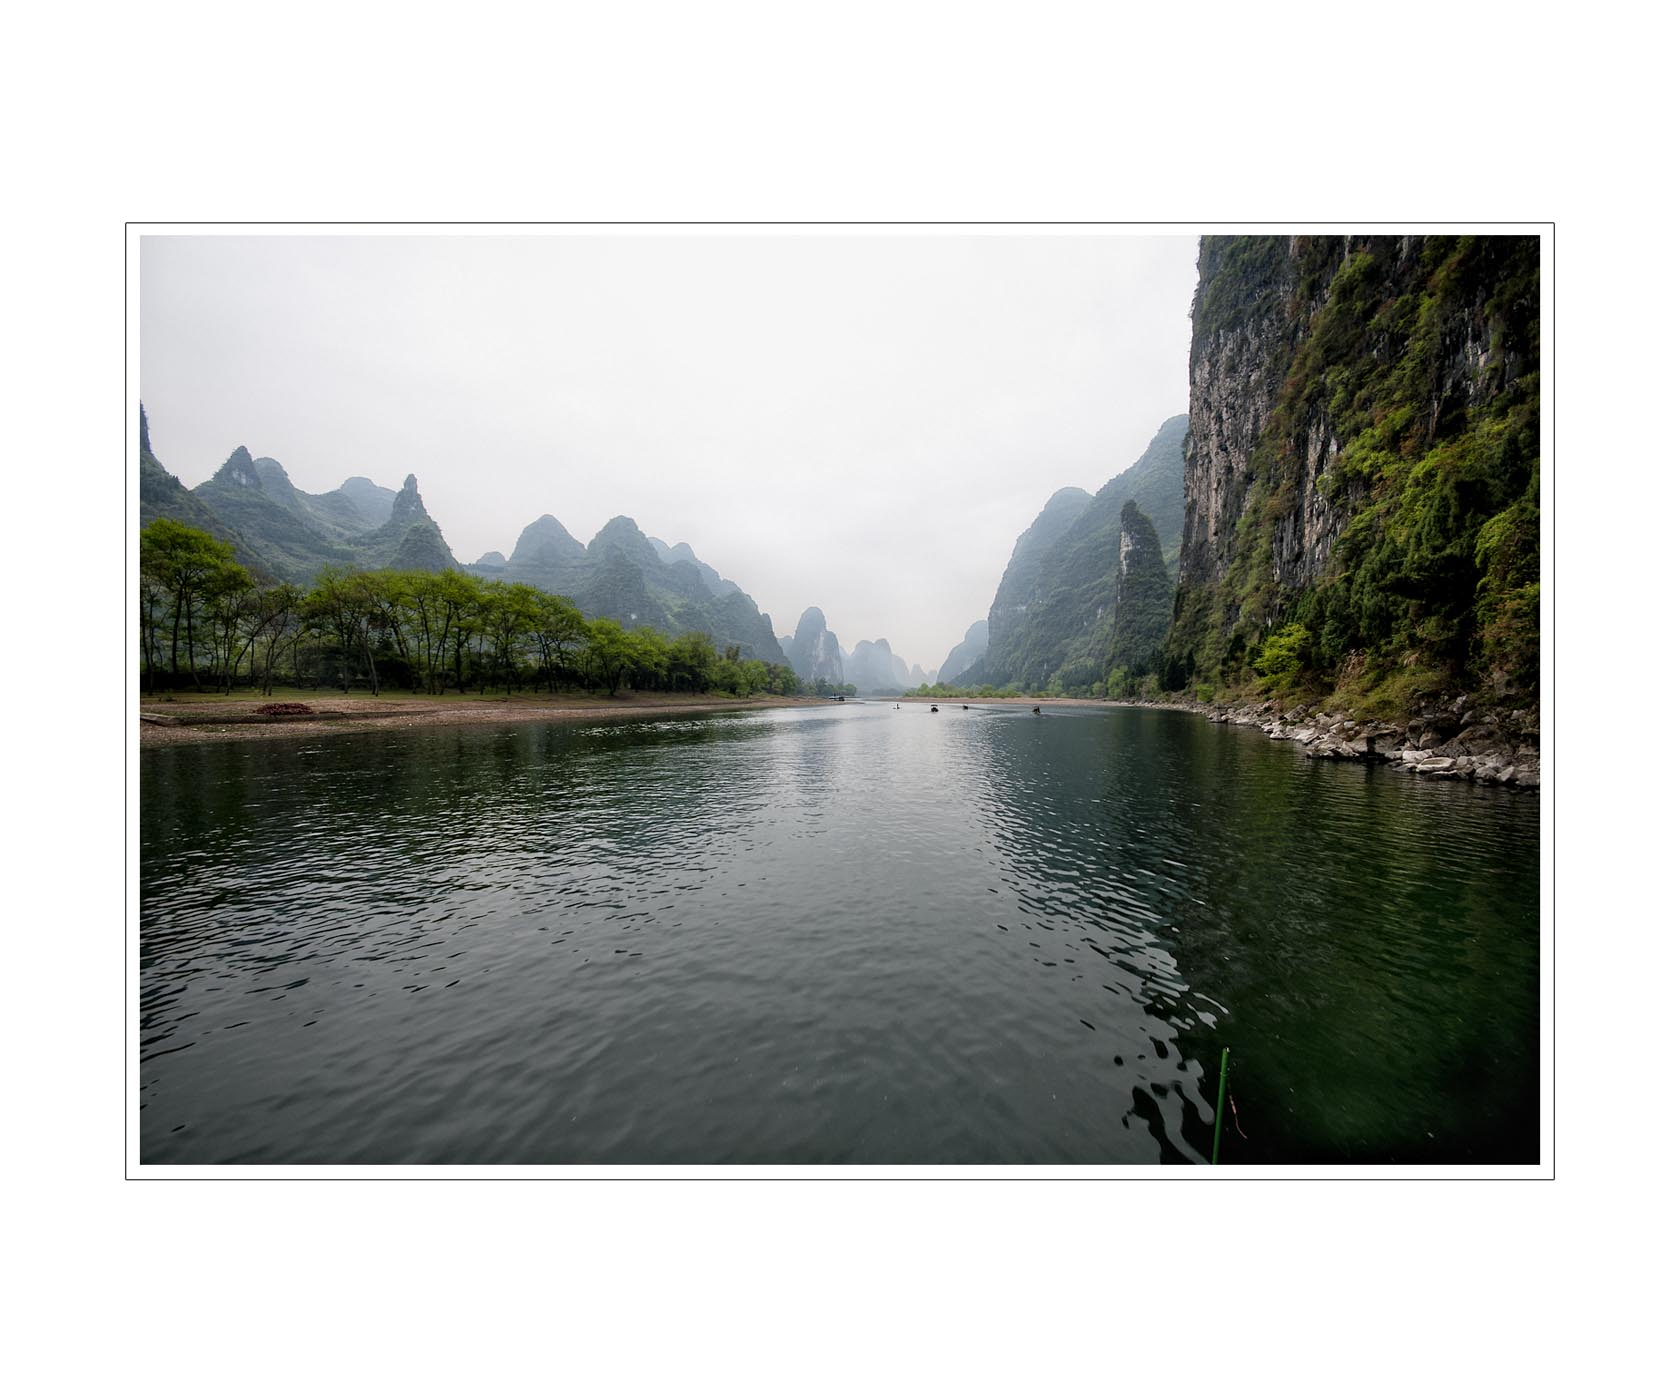 Il fiume Li